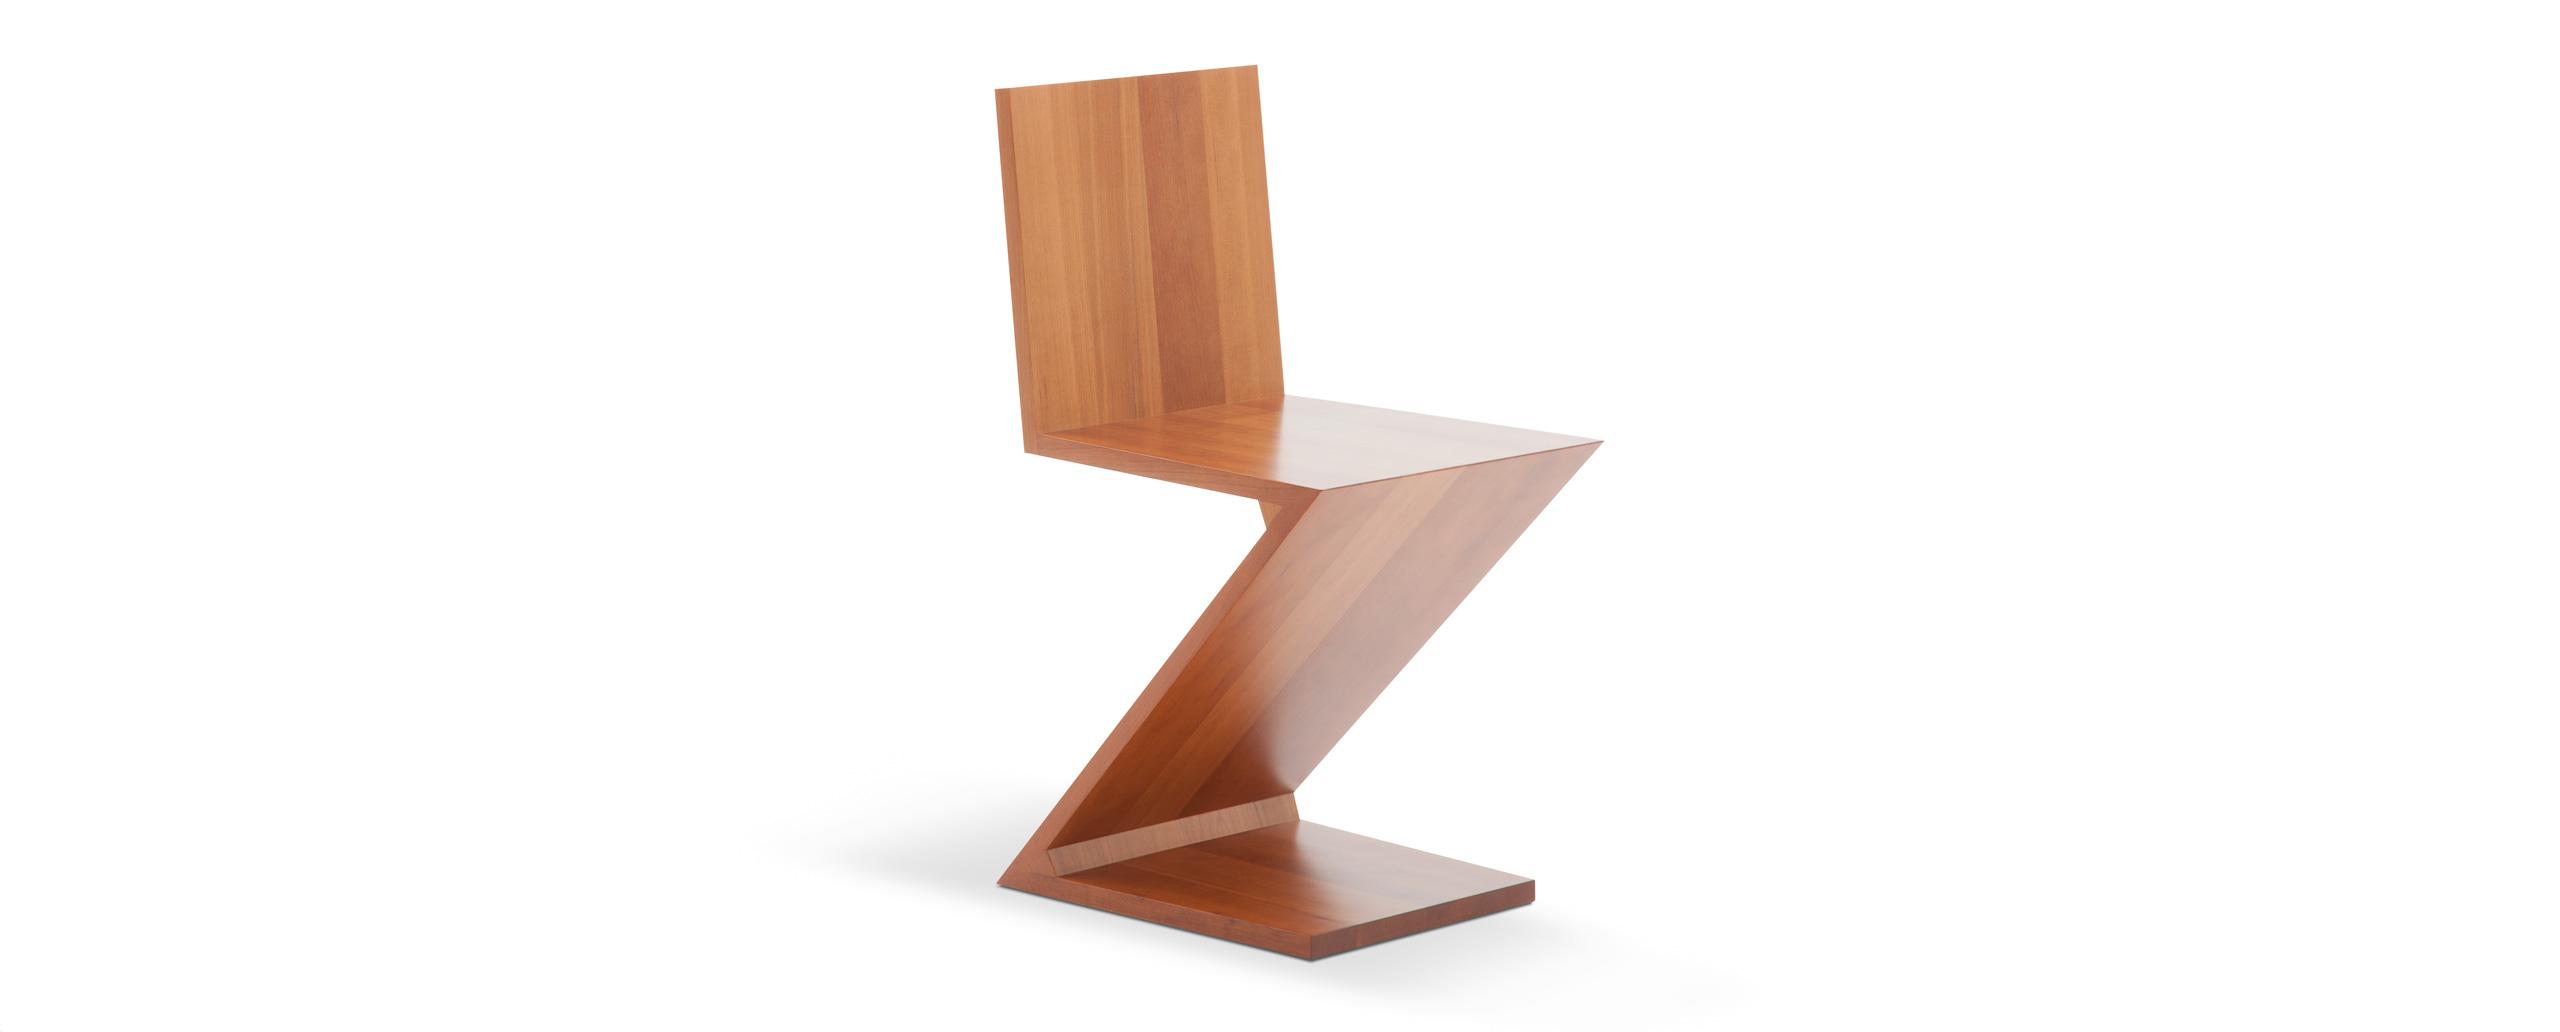 280 zig zag pyramide design for Sedia zig zag cassina prezzo